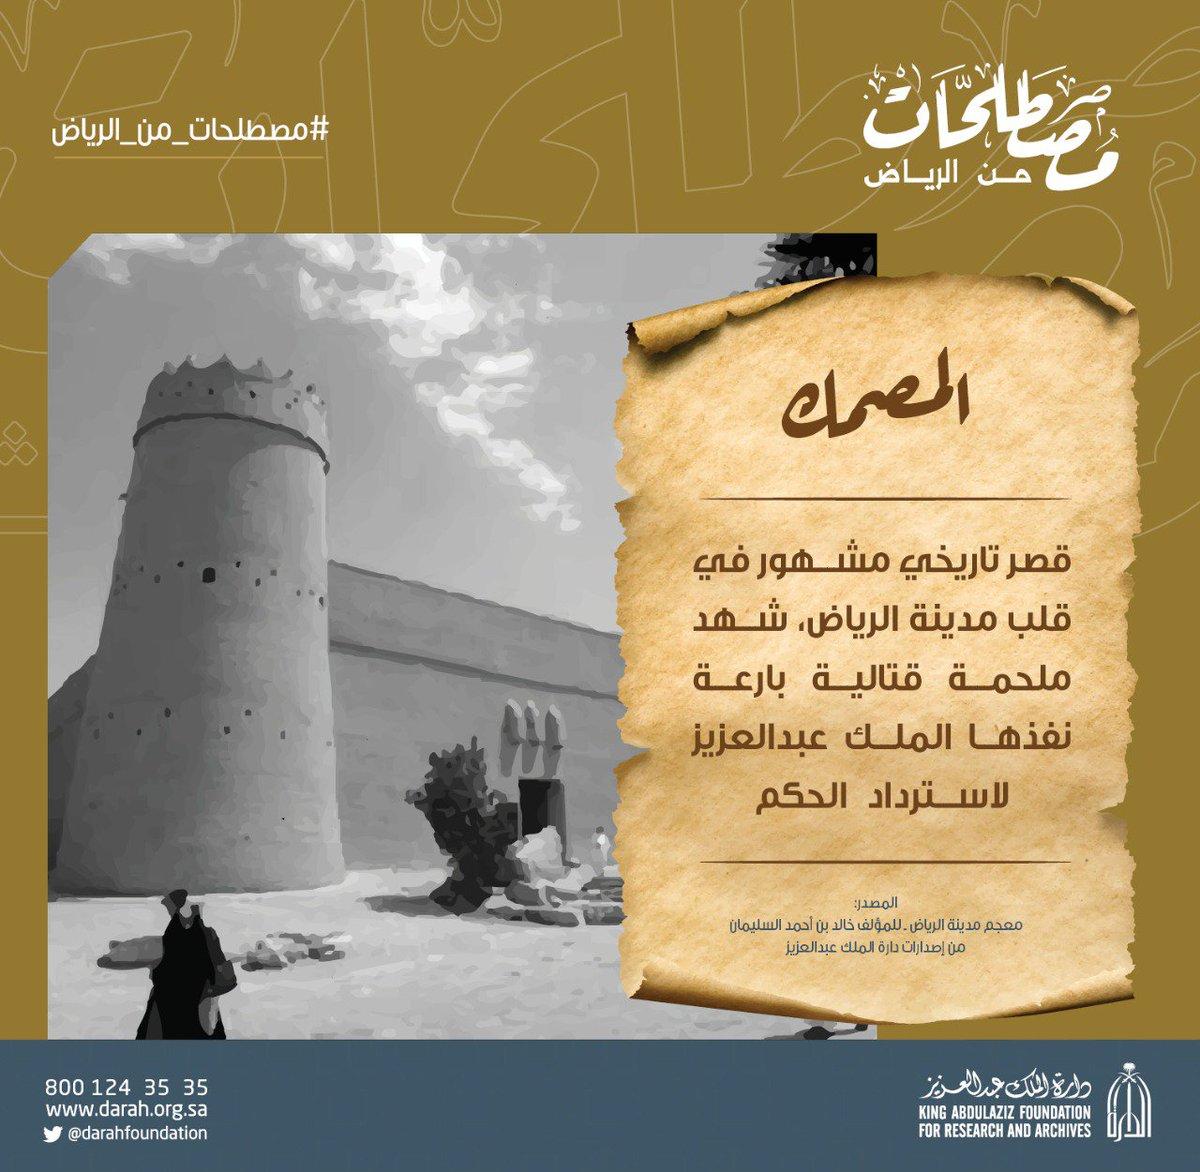 دارة الملك عبدالعزيز Twitterissa مصطلحات من الرياض قصر المصمك من معجم الرياض دارة الملك عبدالعزيز